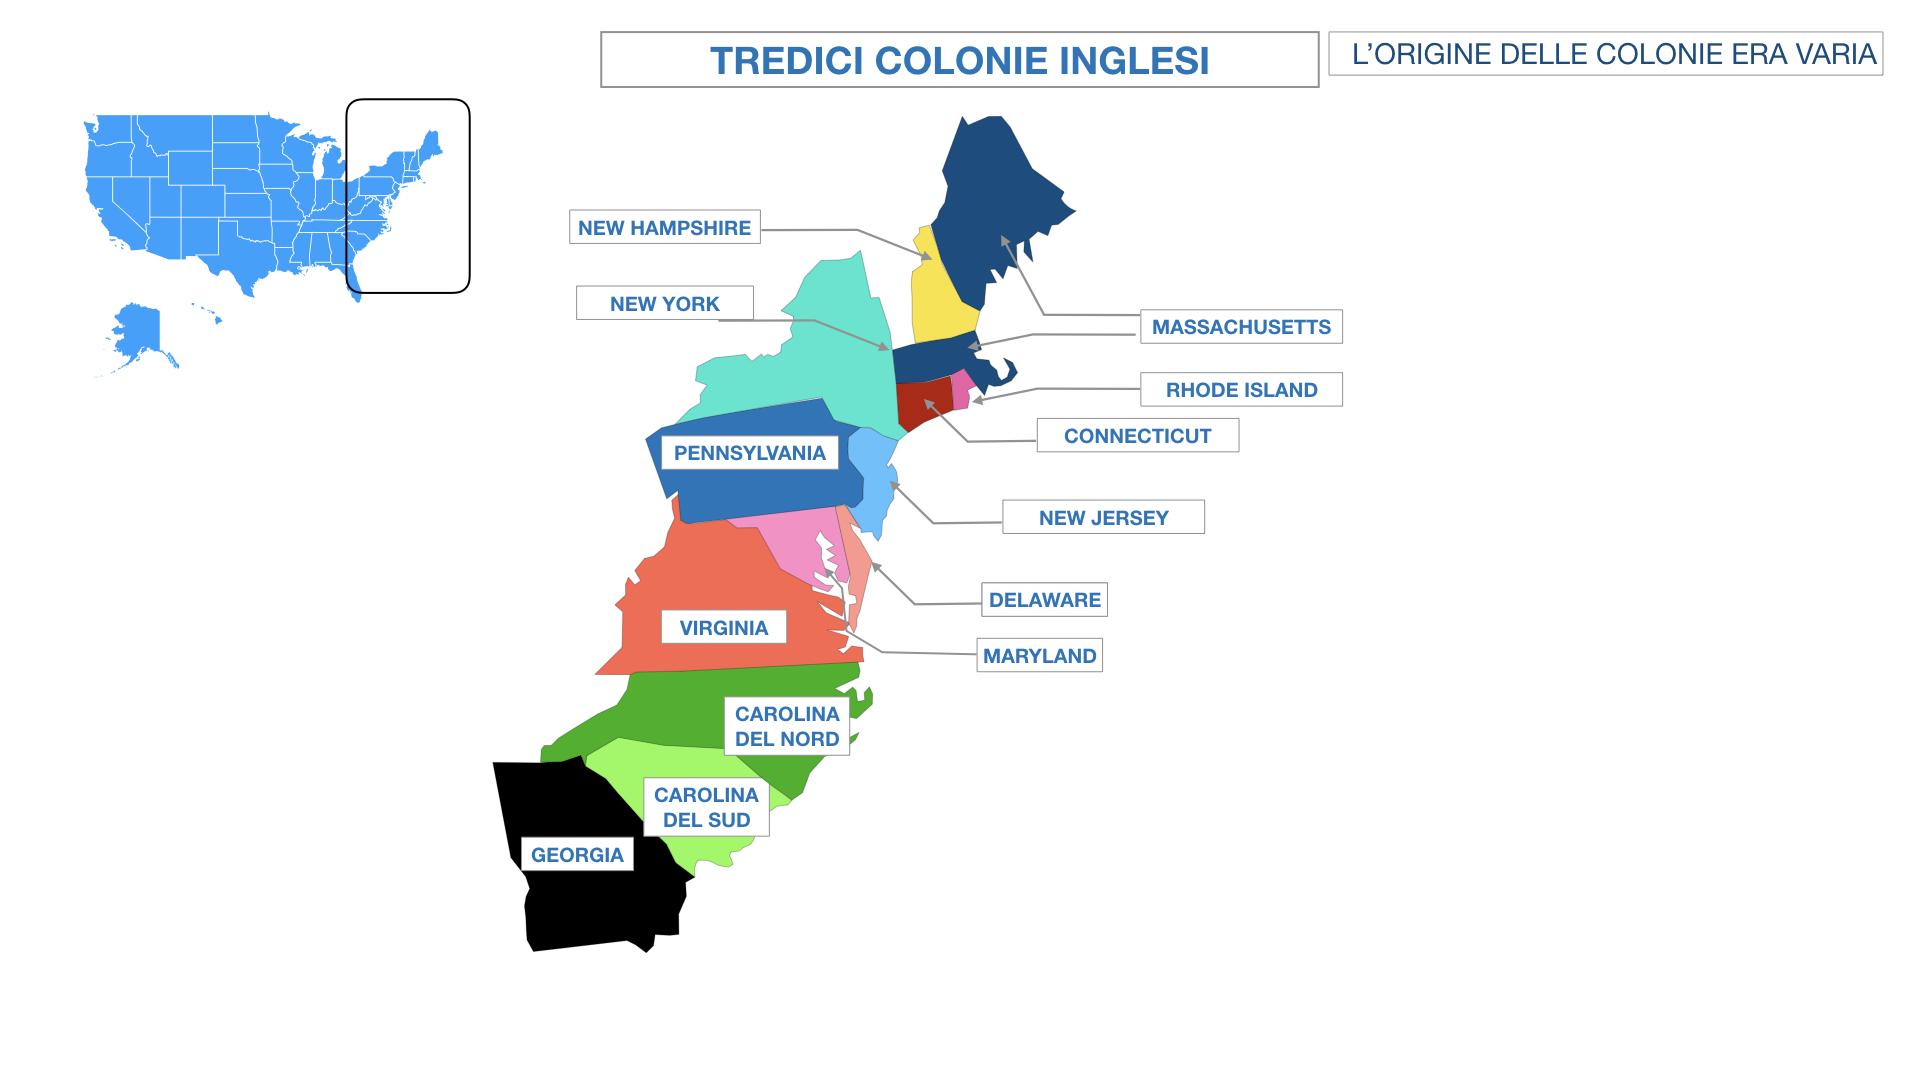 AMERICA LE TREDICI COLONIE INGLESI SIMULAZIONE.037